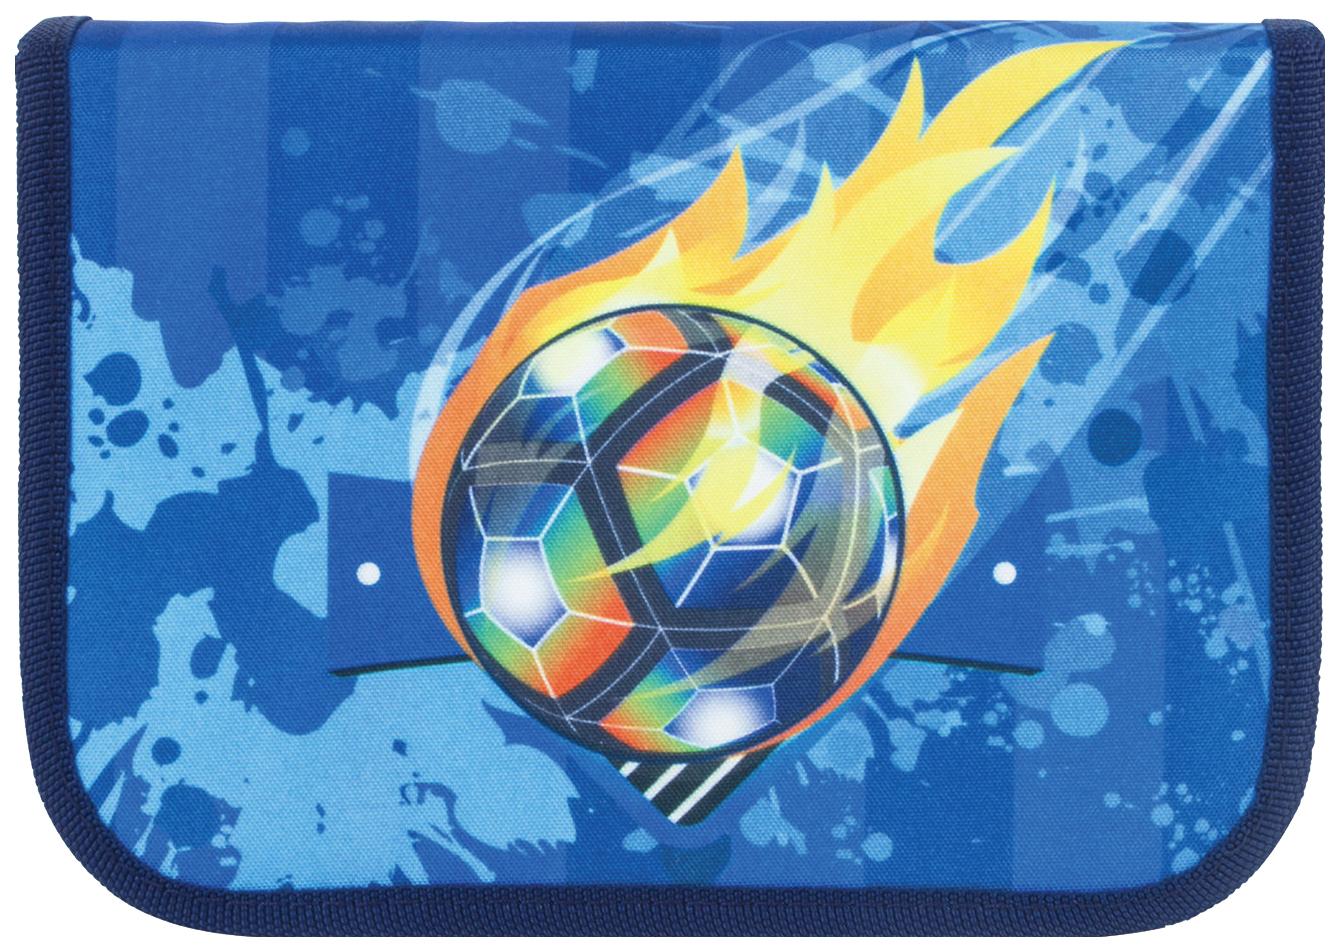 Пенал Tiger Family Футбольный мяч 1 отделение, Оранжевый/Желтый/Голубой/Синий...